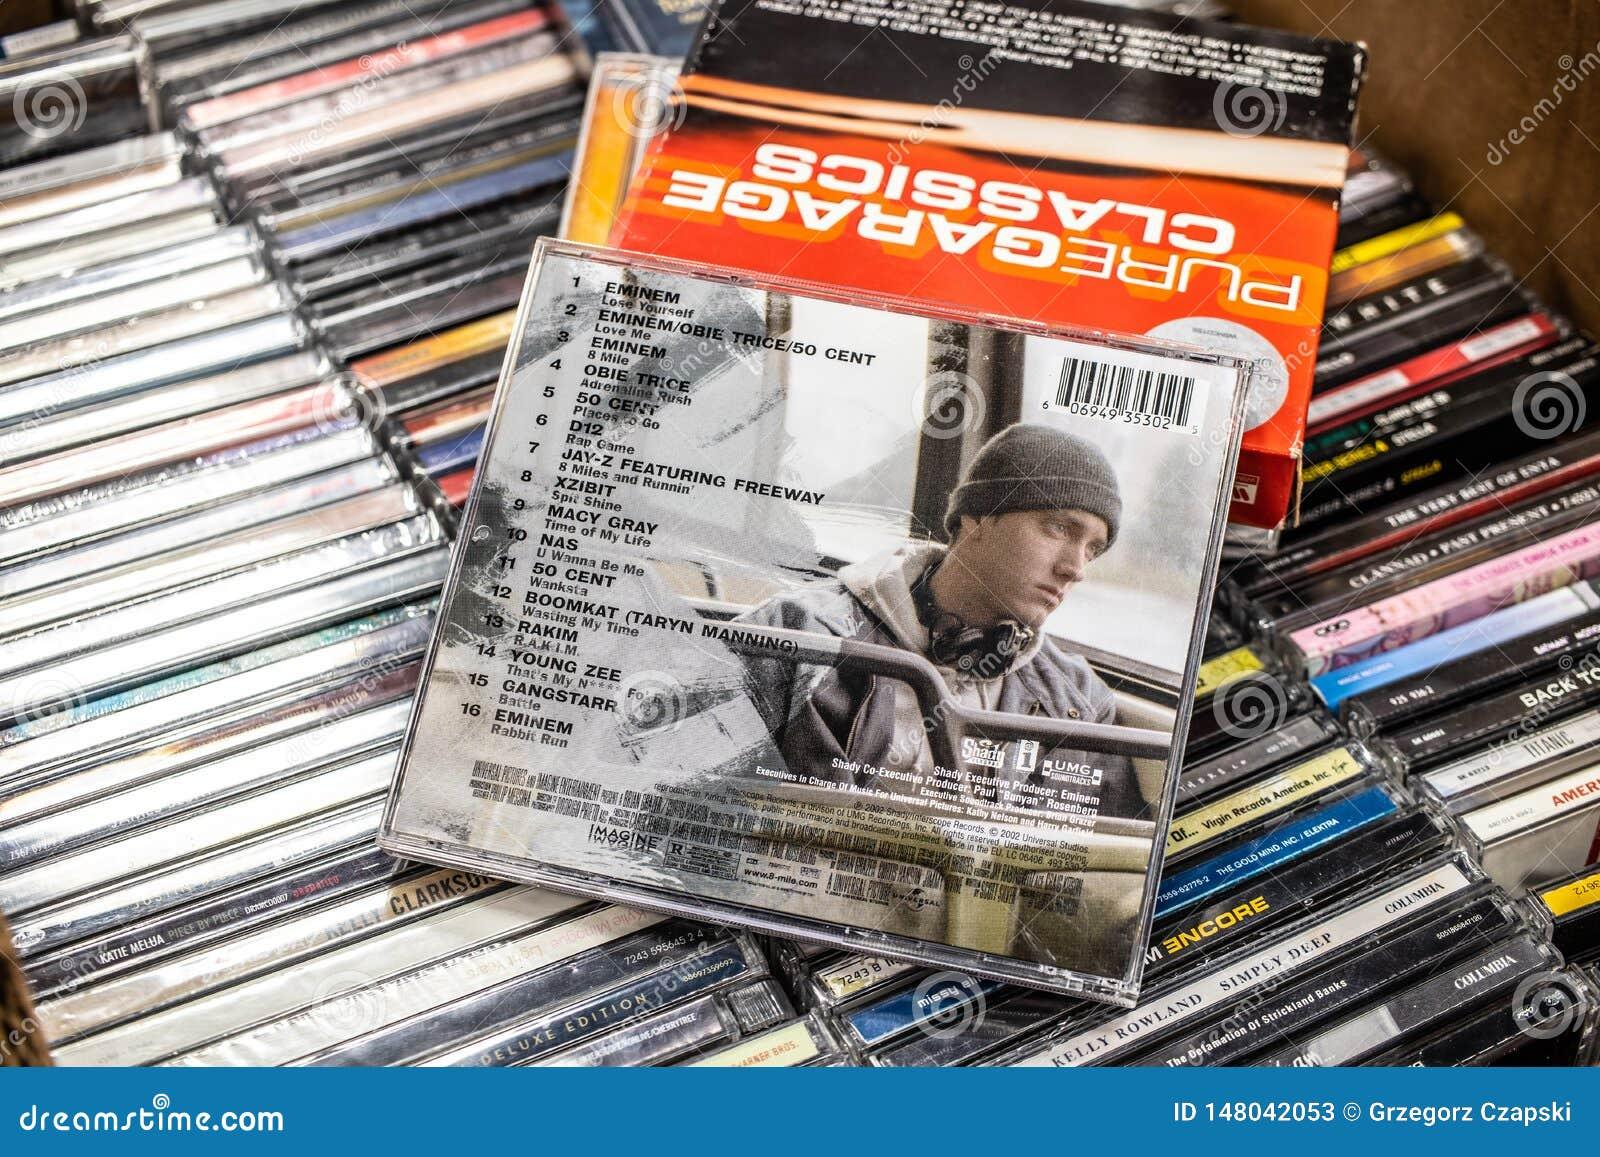 Музыка к кинофильмам суда 8 RD мили мобильная альбомом CD Eminem на дисплее для продажи, известный американский тазобедренный рэп